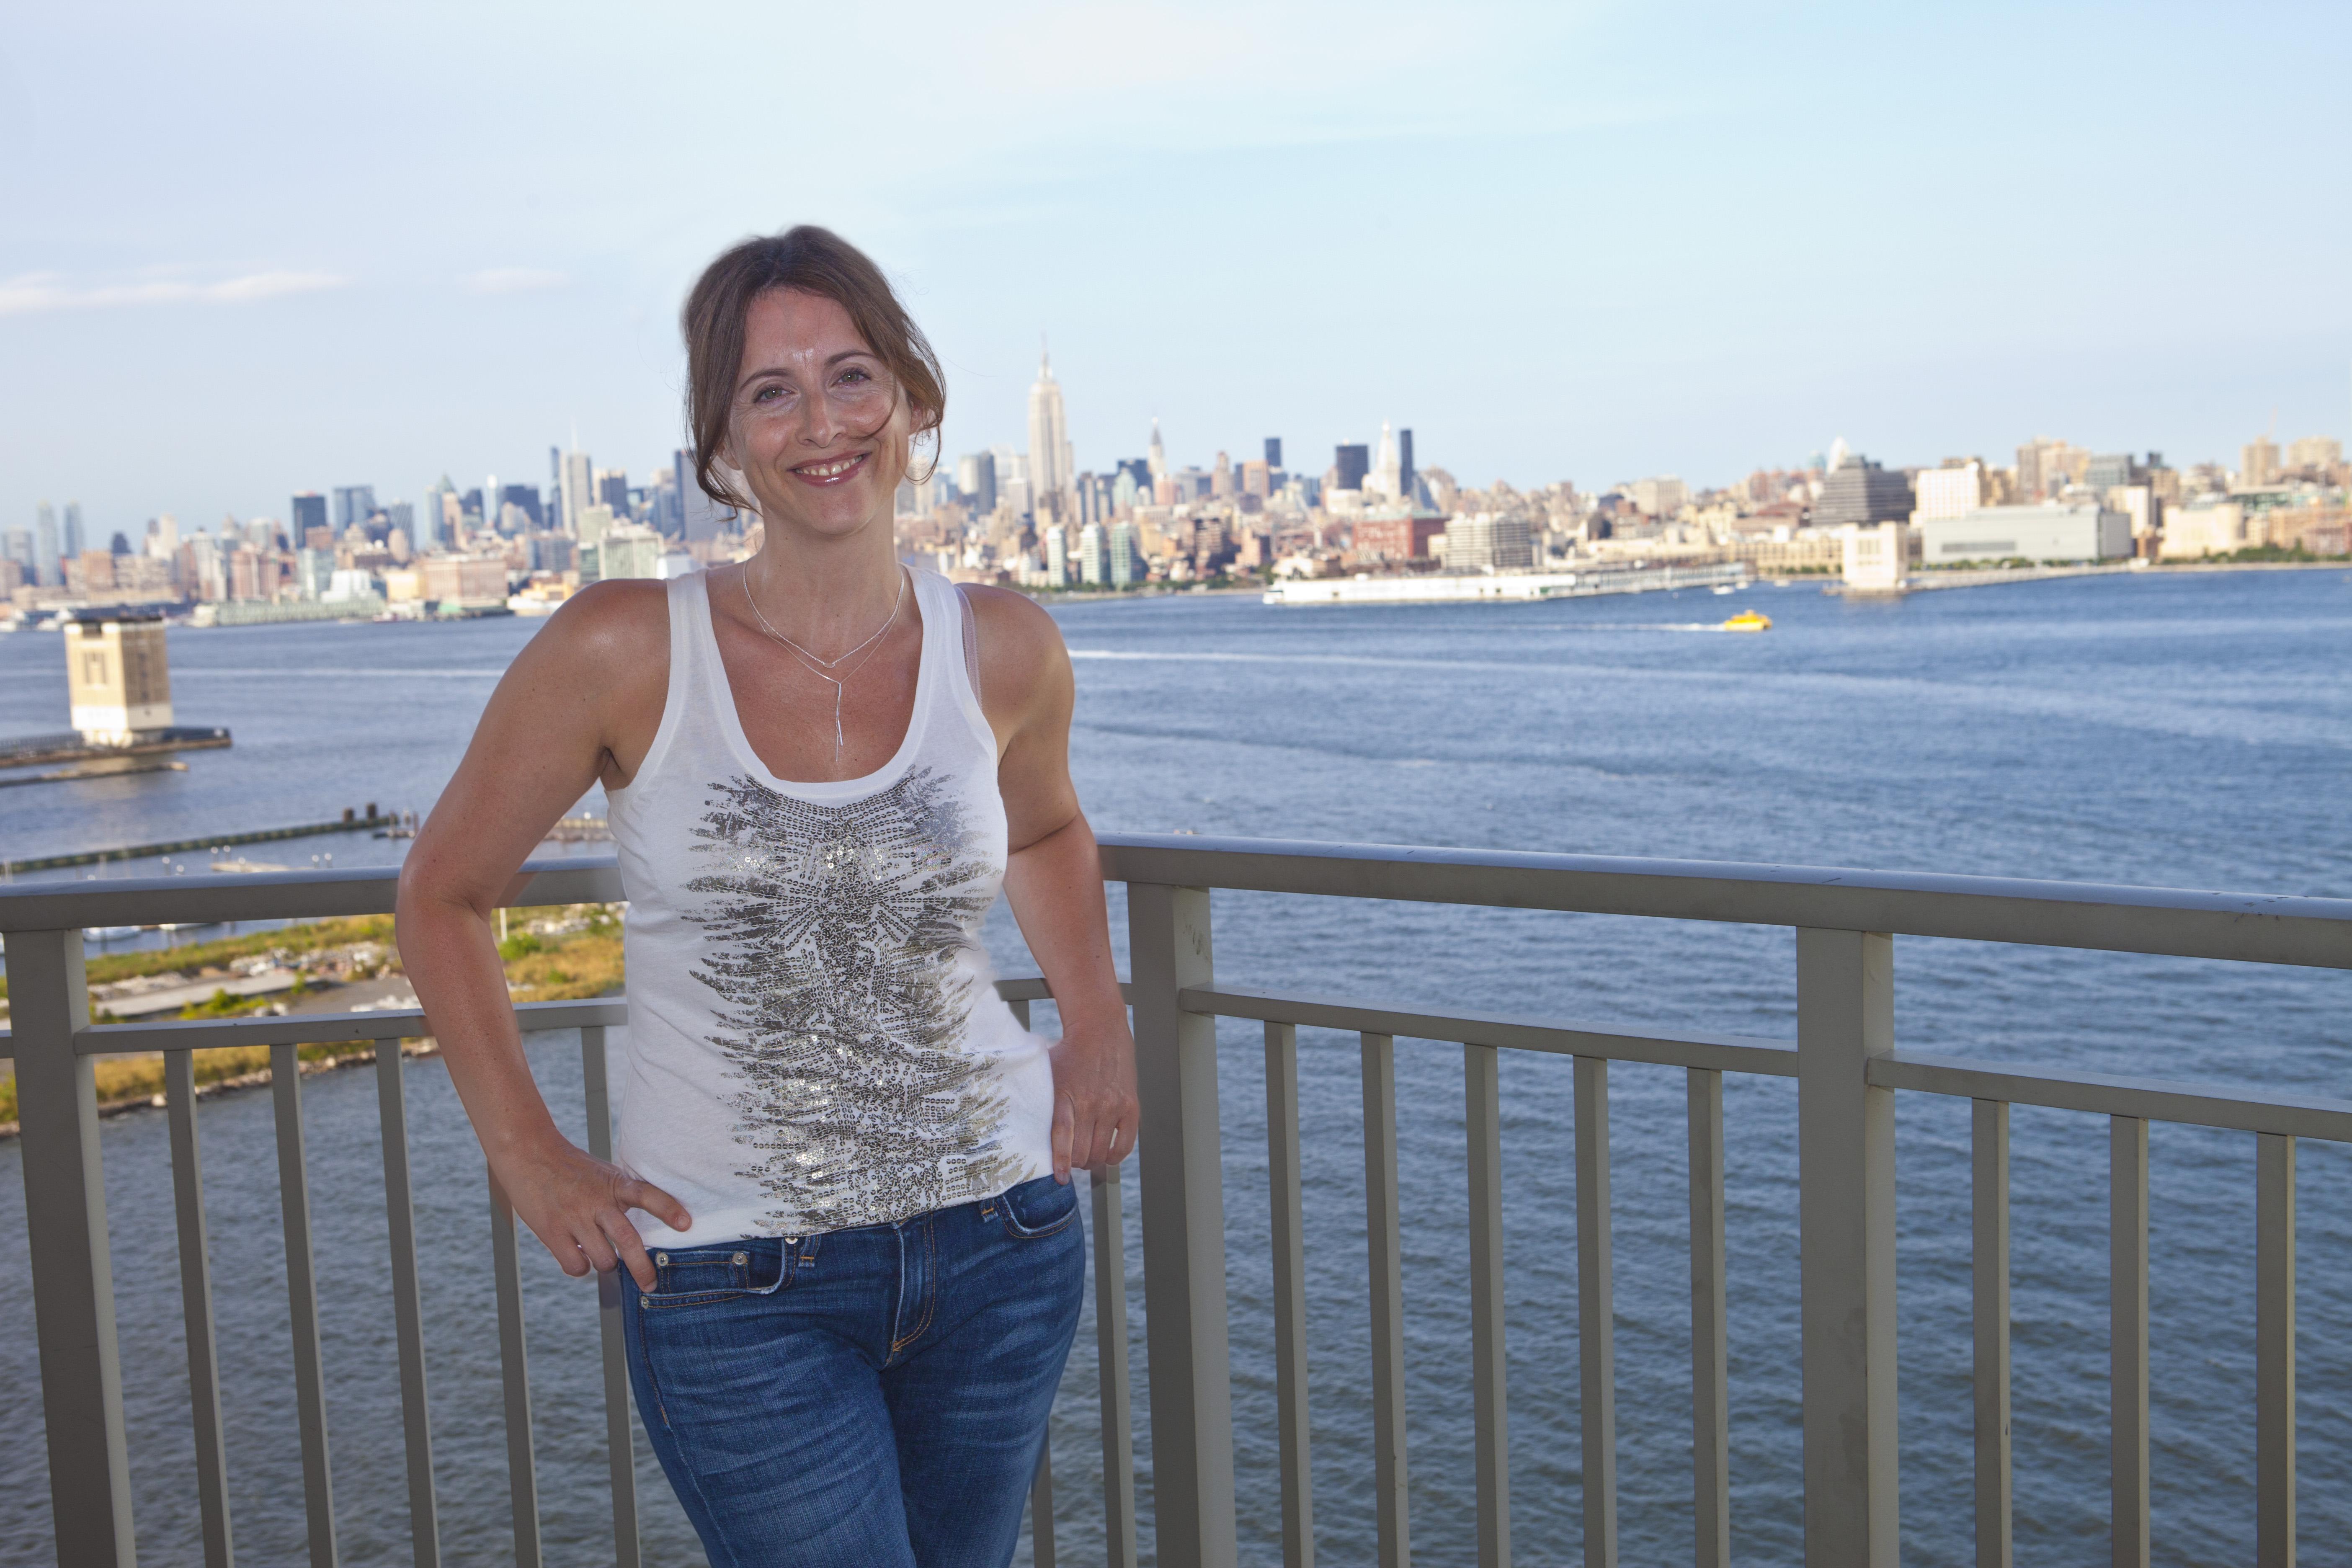 Jeg havde fornøjelsen af, at møde Dana Trentini, da jeg skrev en række case-historier til min amerikanske bog, From hypothyroid to Healthy, her i blandt hendes rørende historie. Og jeg tog en række billeder af Dana - her fra hendes hjem i Jersey City med udsigt til New York. Flot, ikke? I dag bor Dana i Canada.